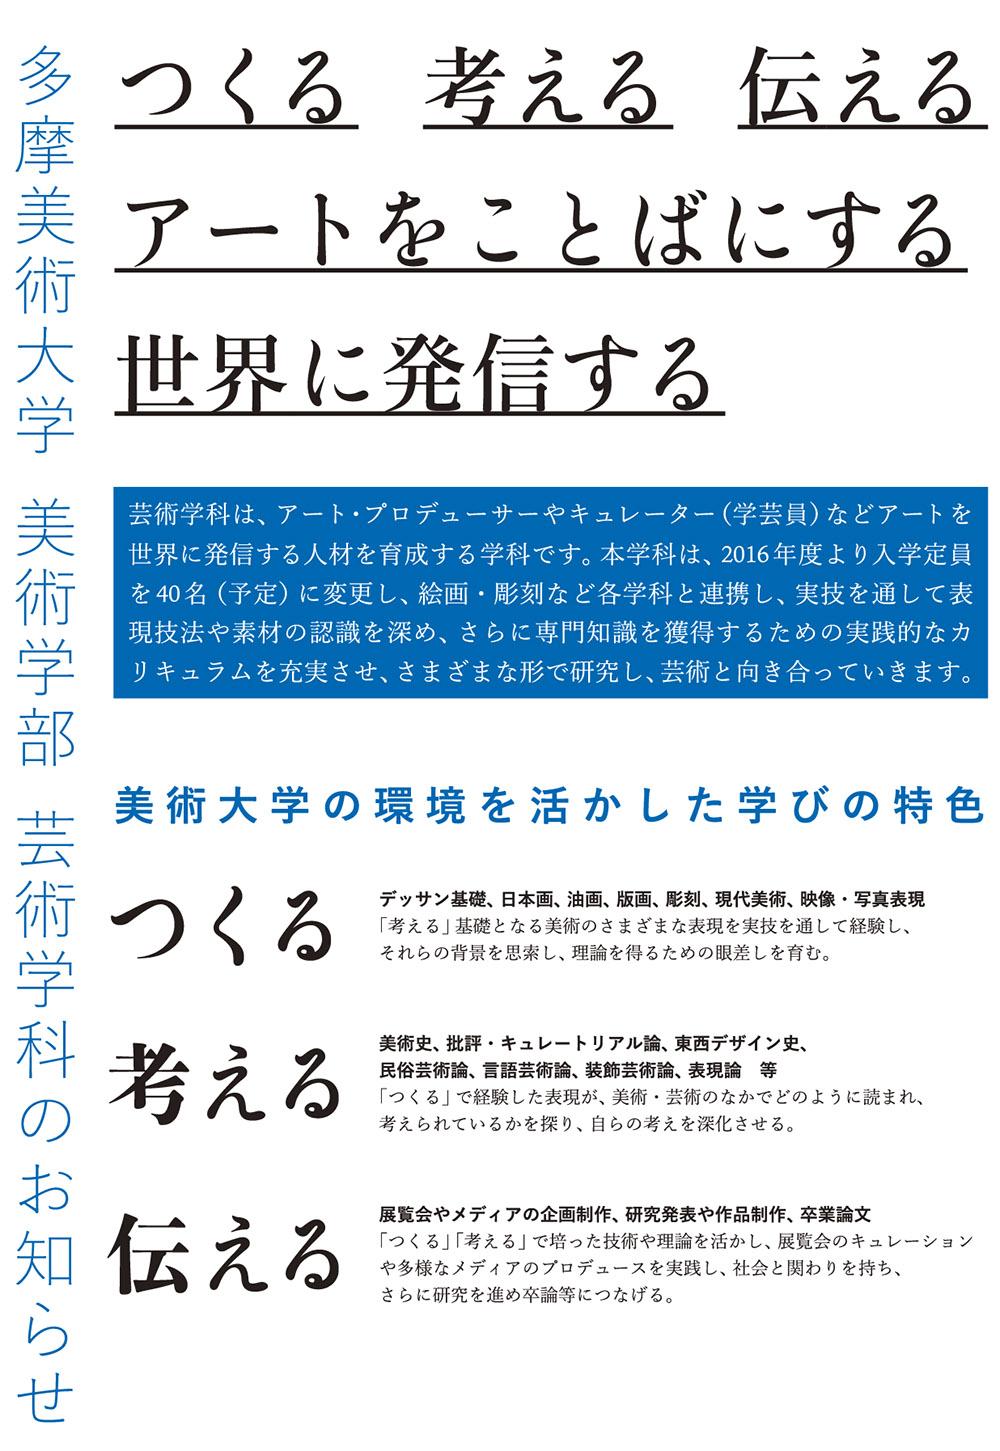 R差し込みH1-4_150712